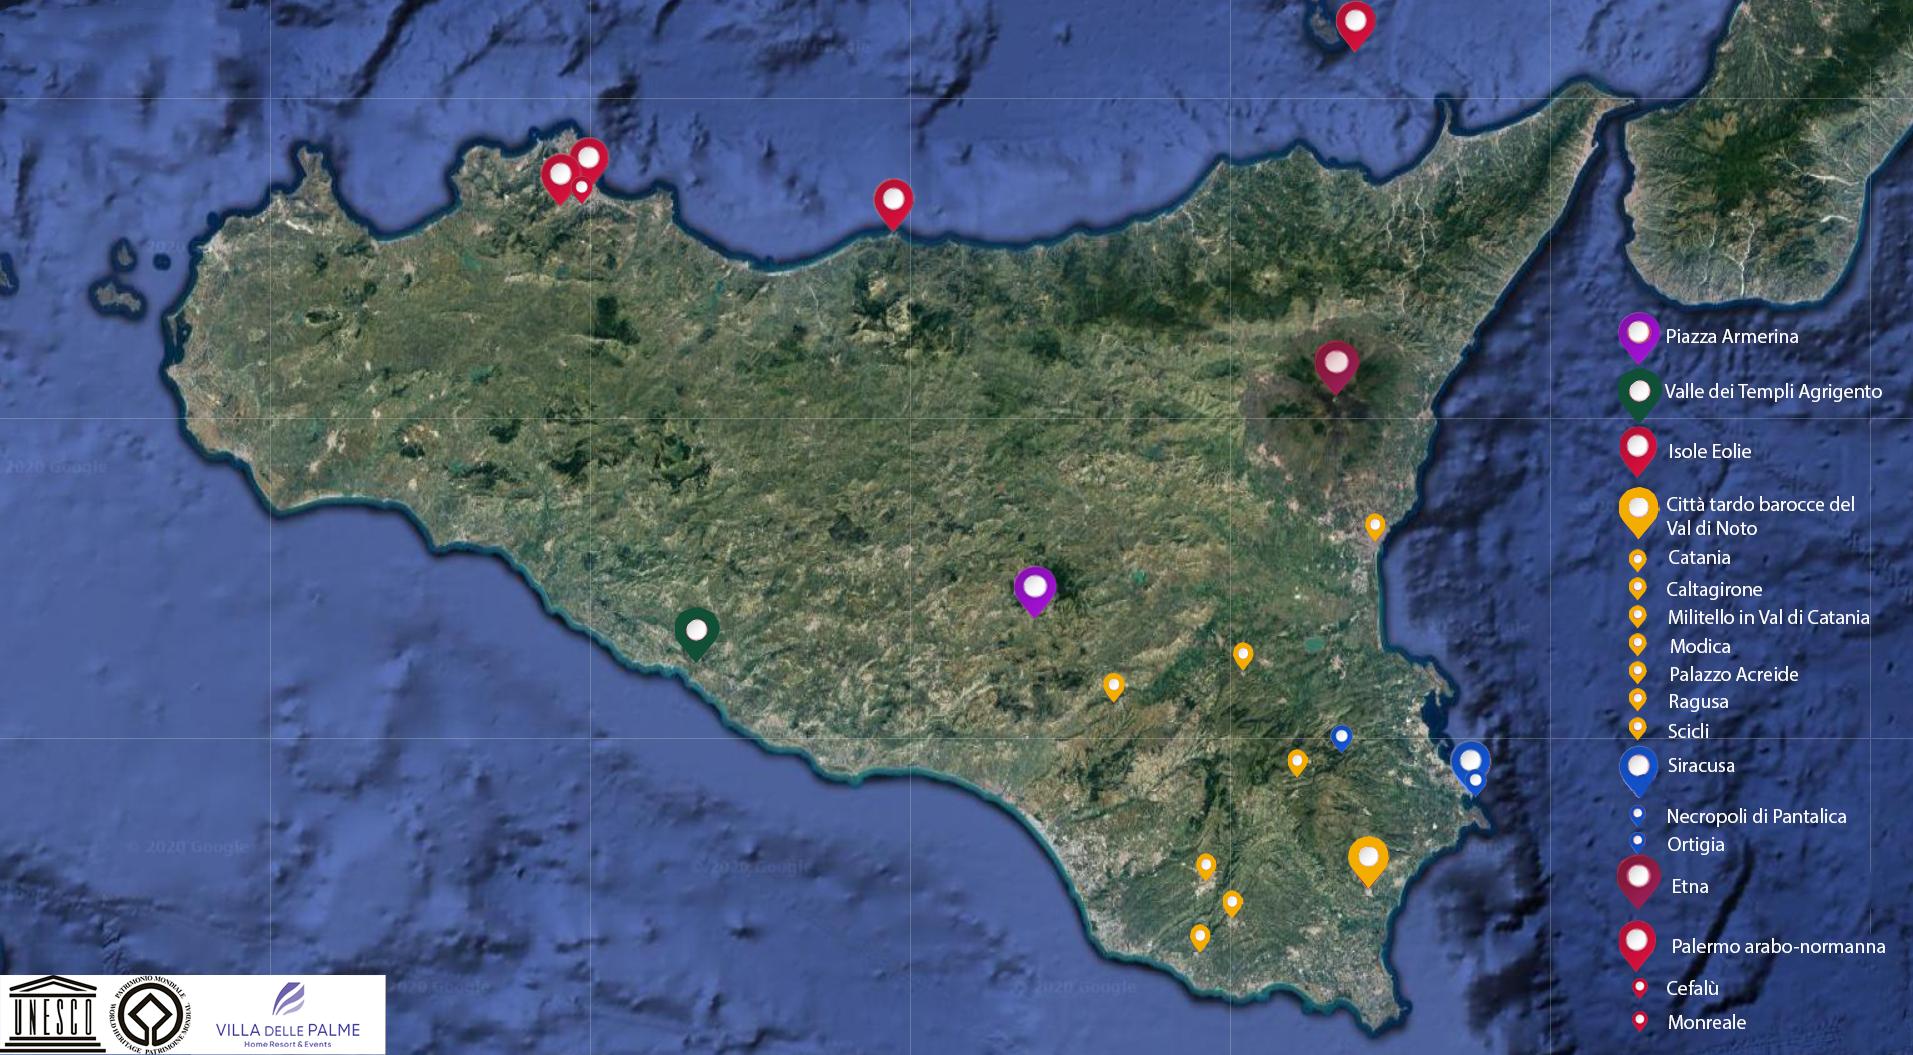 Cartina Della Sicilia Con Le Isole.Ecco I 7 Siti Unesco In Sicilia Quello Che Non Sapevi Sui Patrimoni Dell Umanita Villa Delle Palme